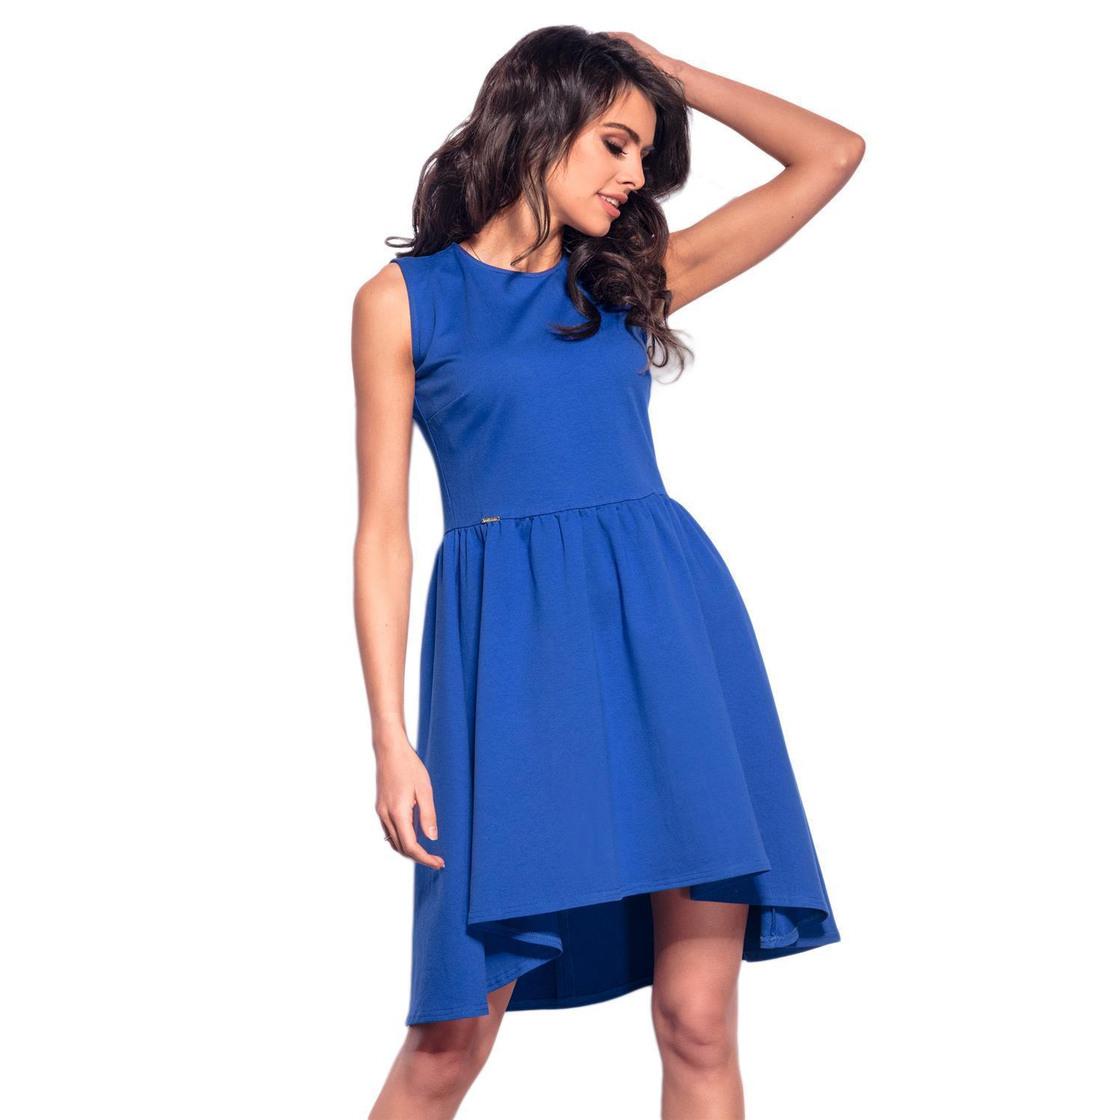 Formal Coolste Sommerkleid Mit Ärmel SpezialgebietFormal Schön Sommerkleid Mit Ärmel Design